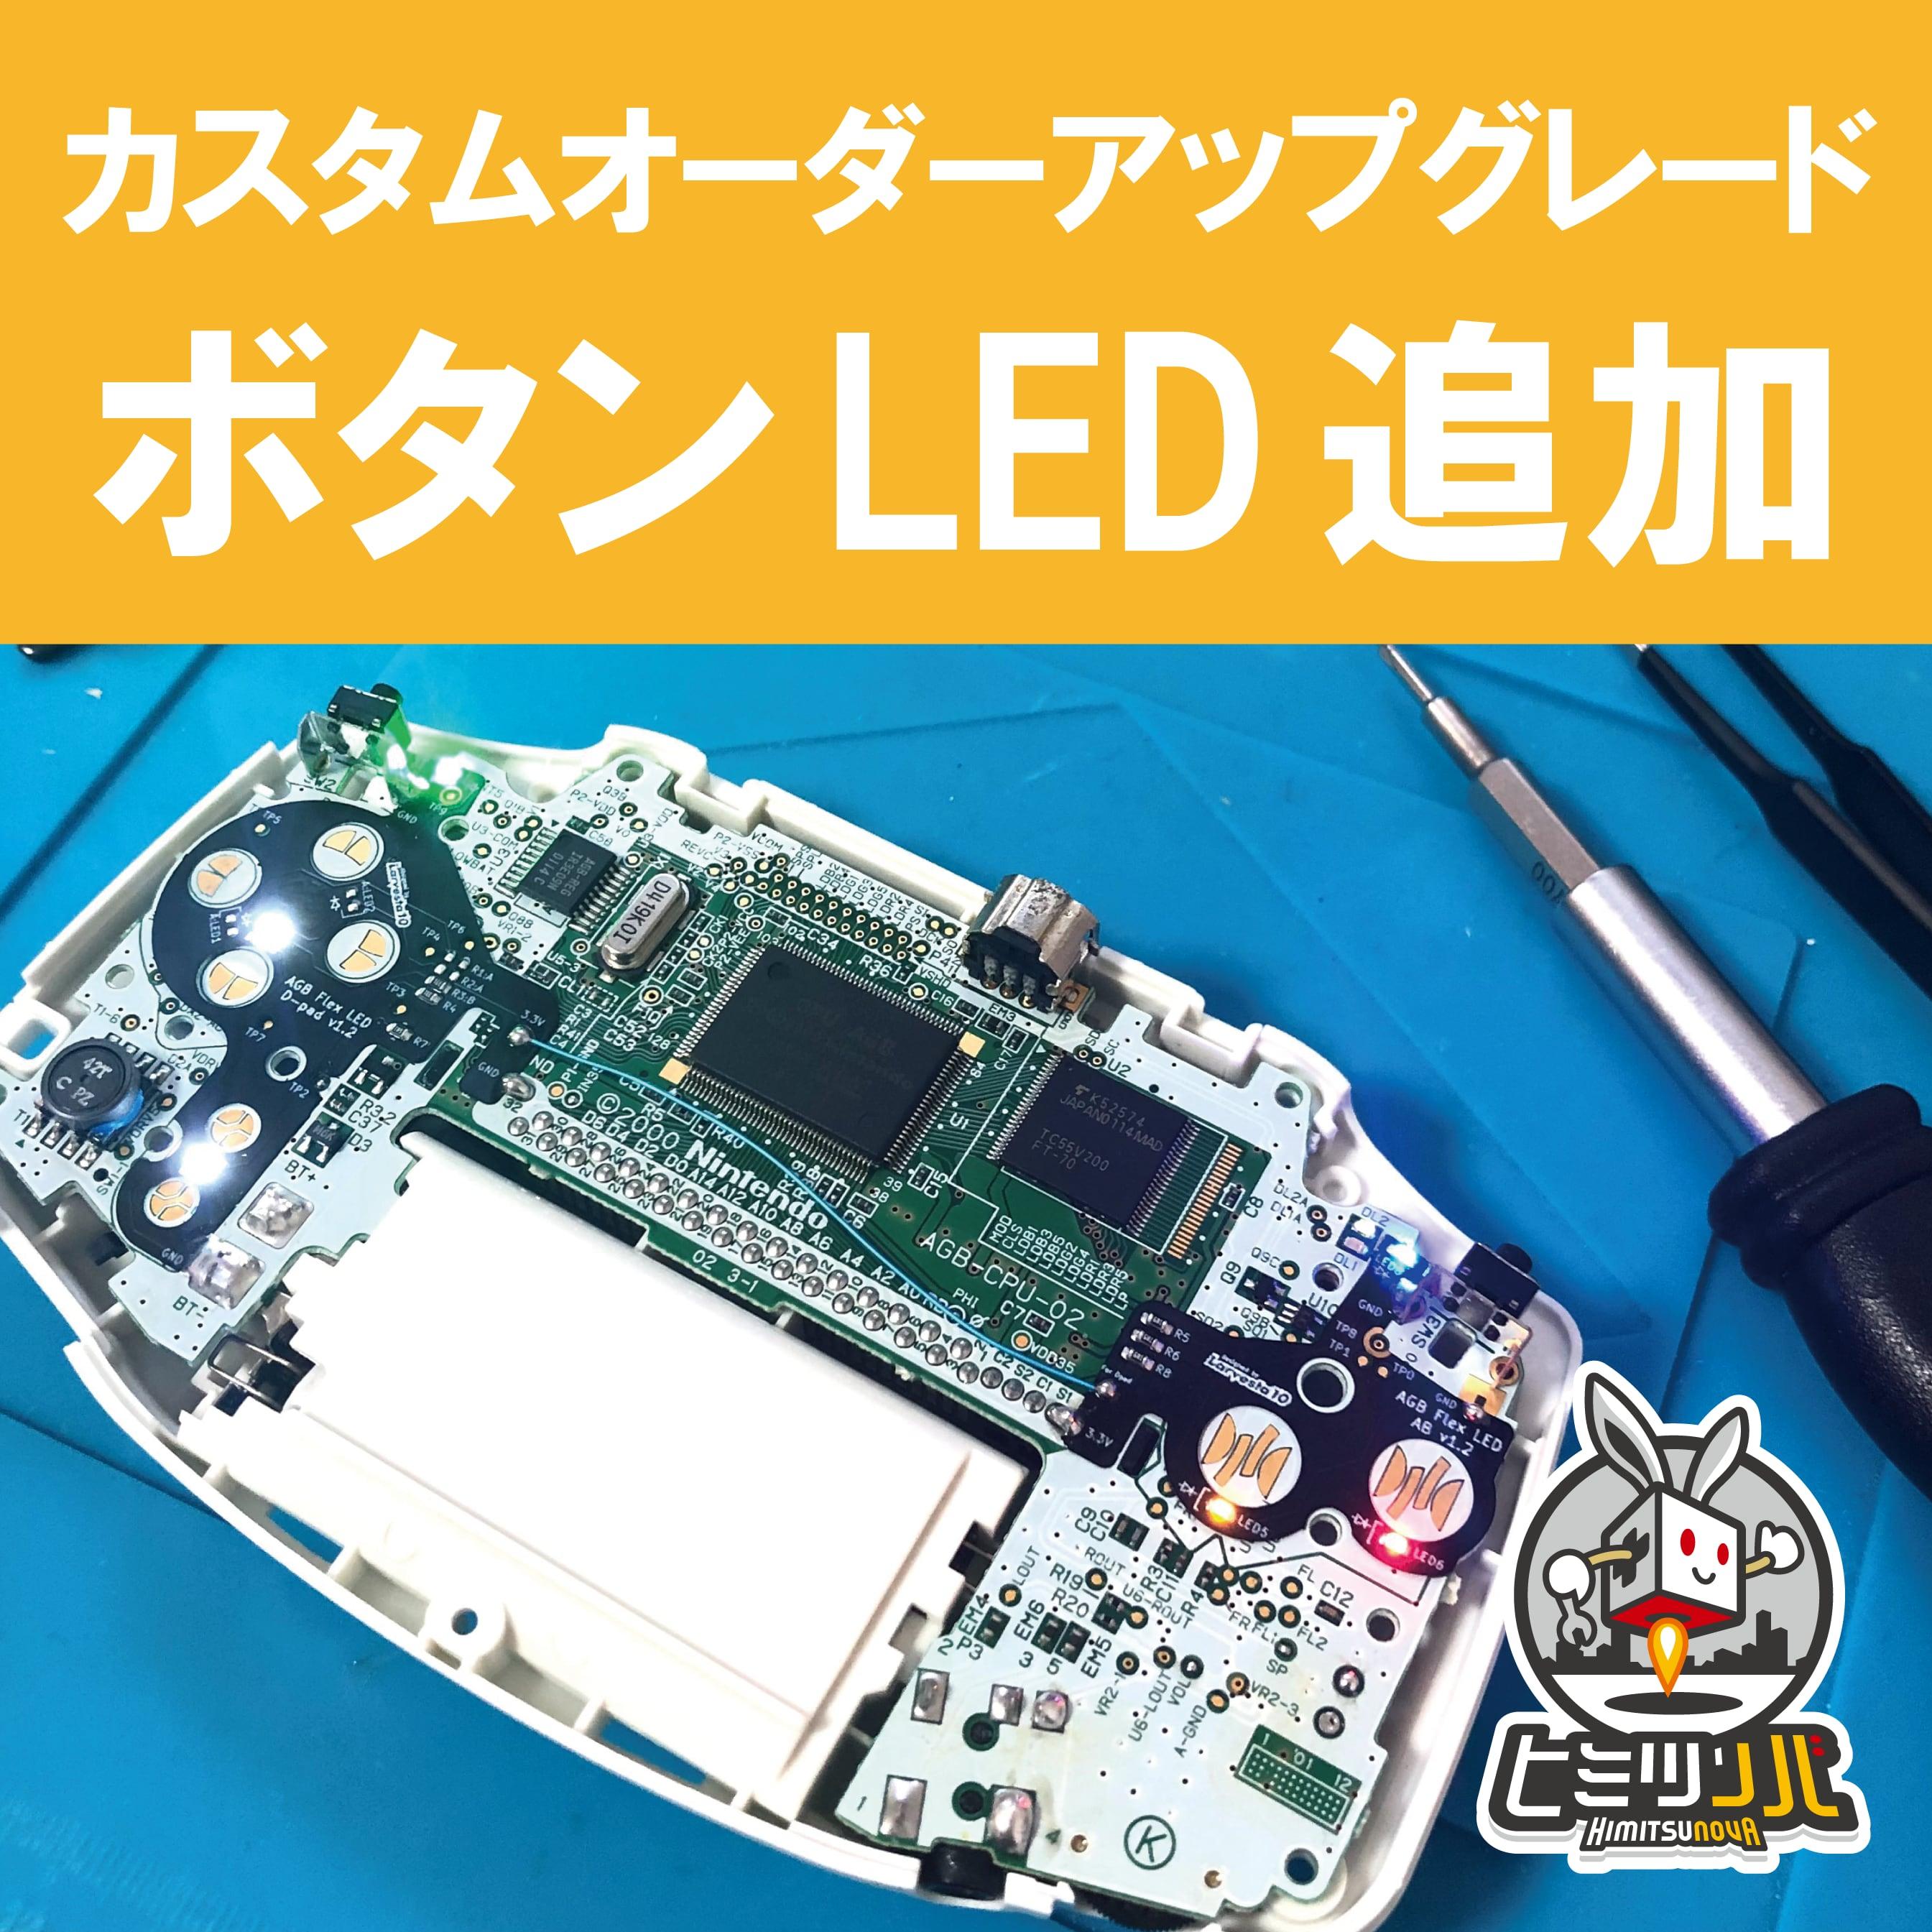 【カスタムオーダーアップグレード用】 ボタンLED追加実装